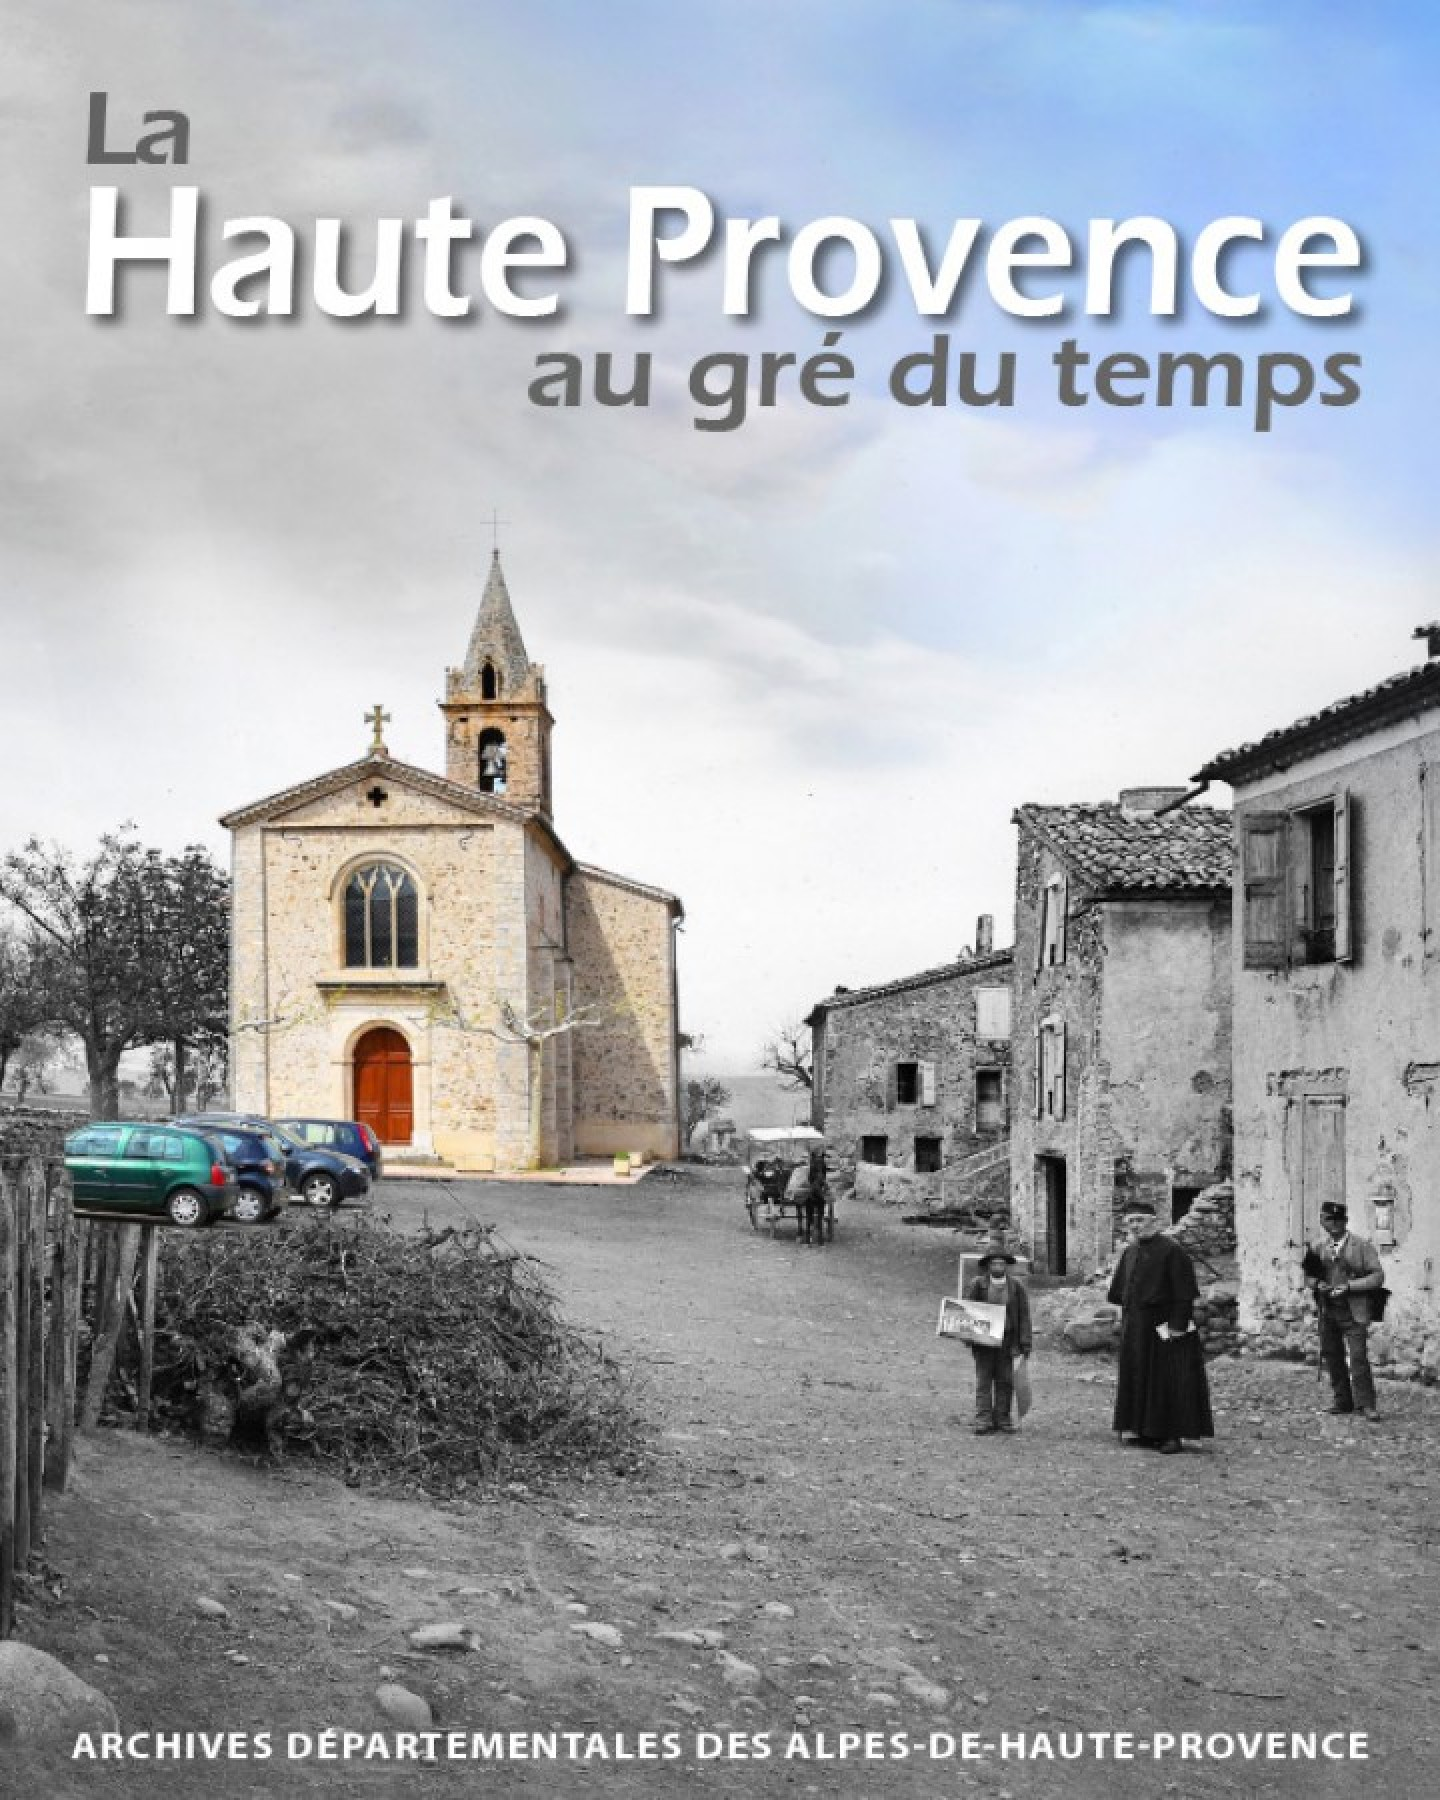 La Haute Provence au gré du temps Archives départementales des Alpes de Haute Provence